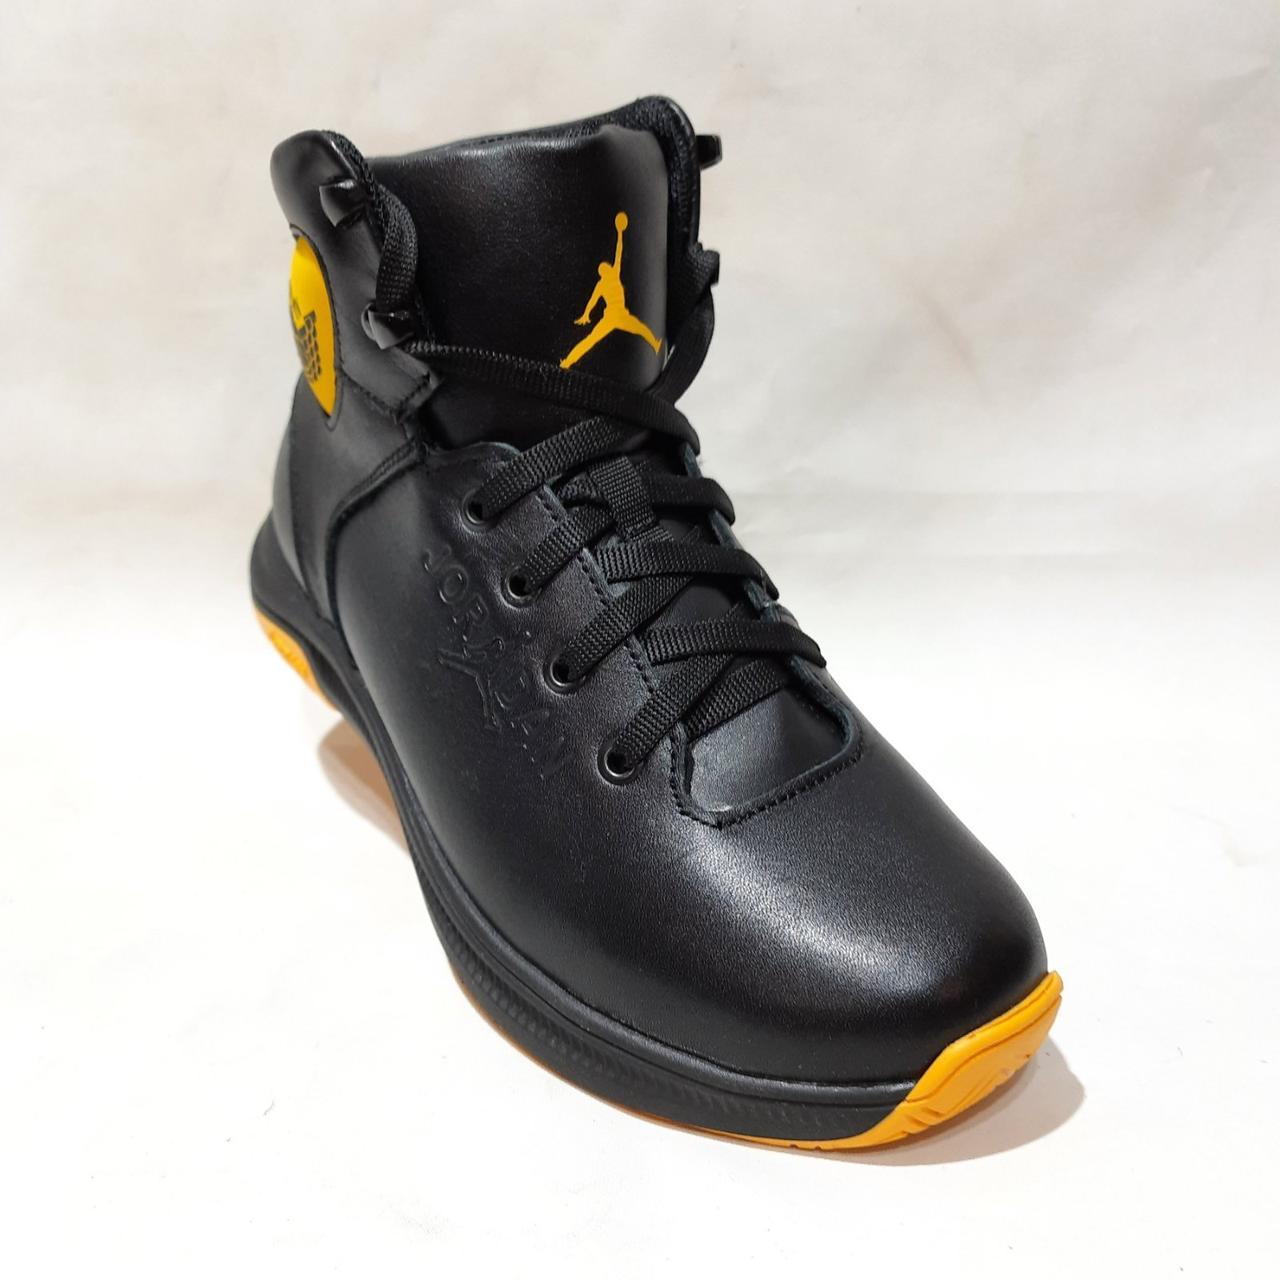 Мужские зимние спортивные кожаные ботинки теплые кроссовки на меху Черные